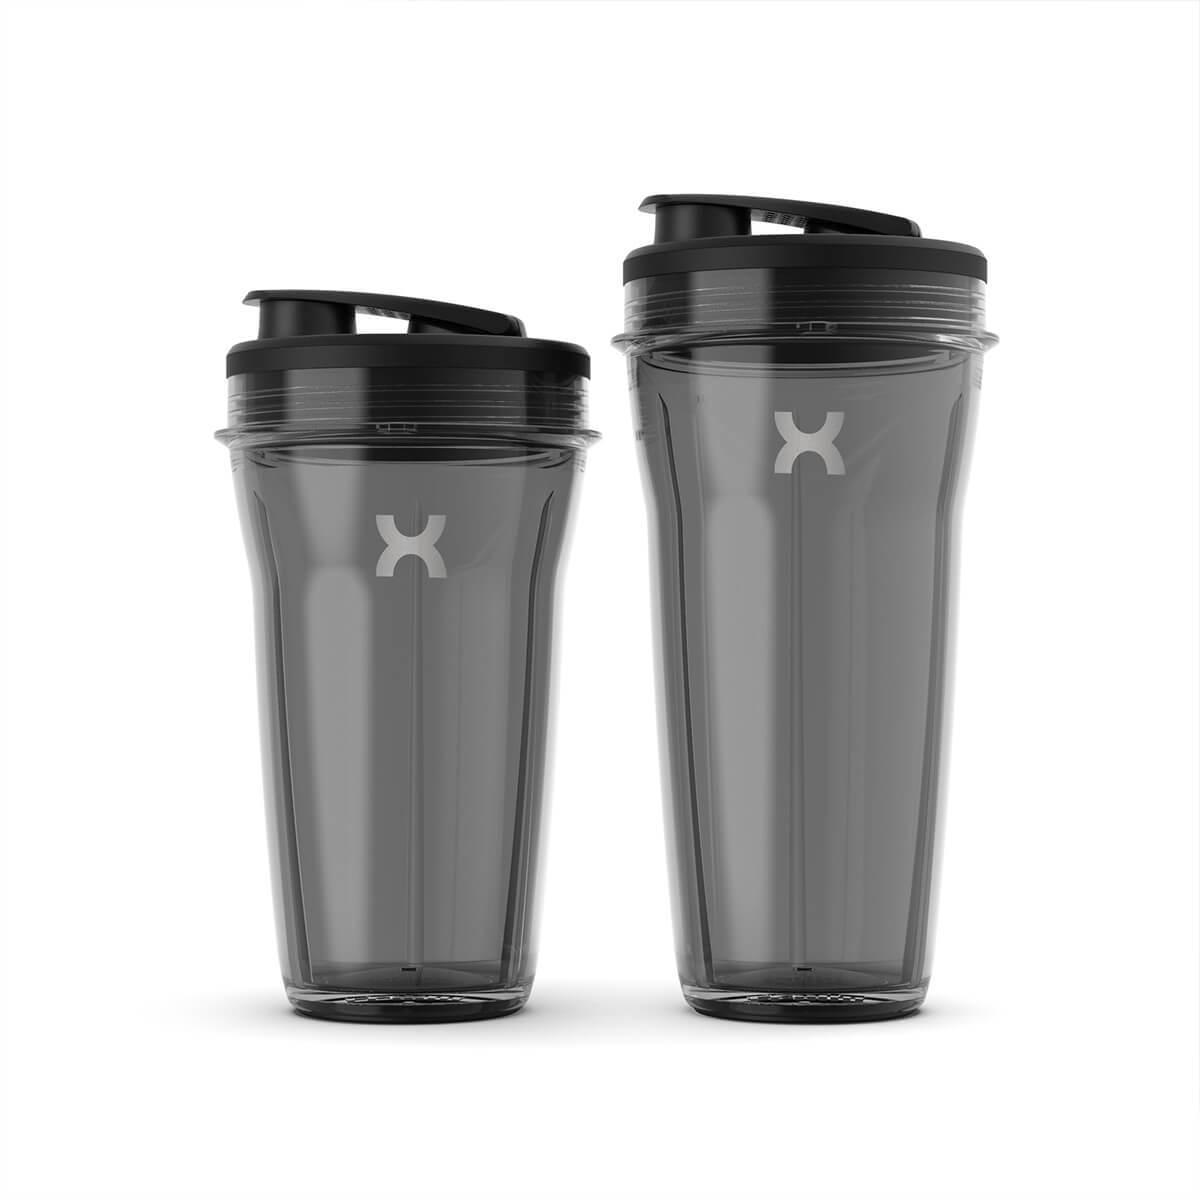 PROMiXX_MiiXR_X7_blender_ergo_bottles